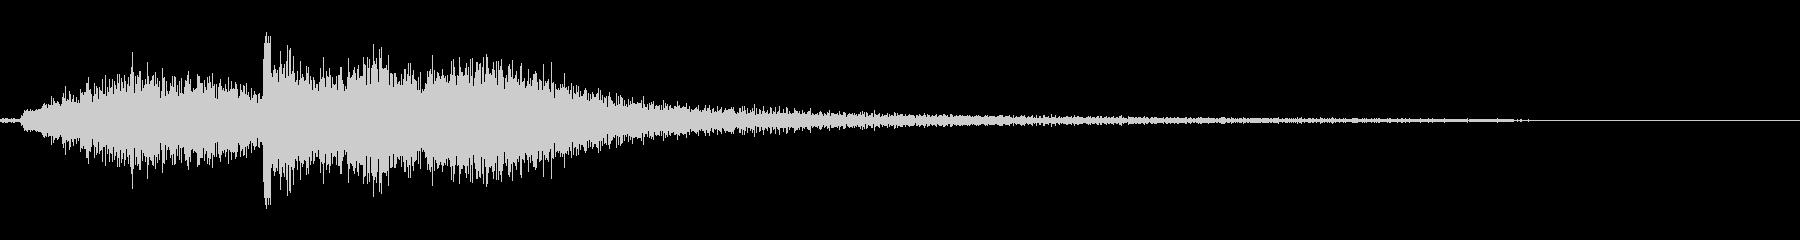 和風な琴のジングル 4の未再生の波形